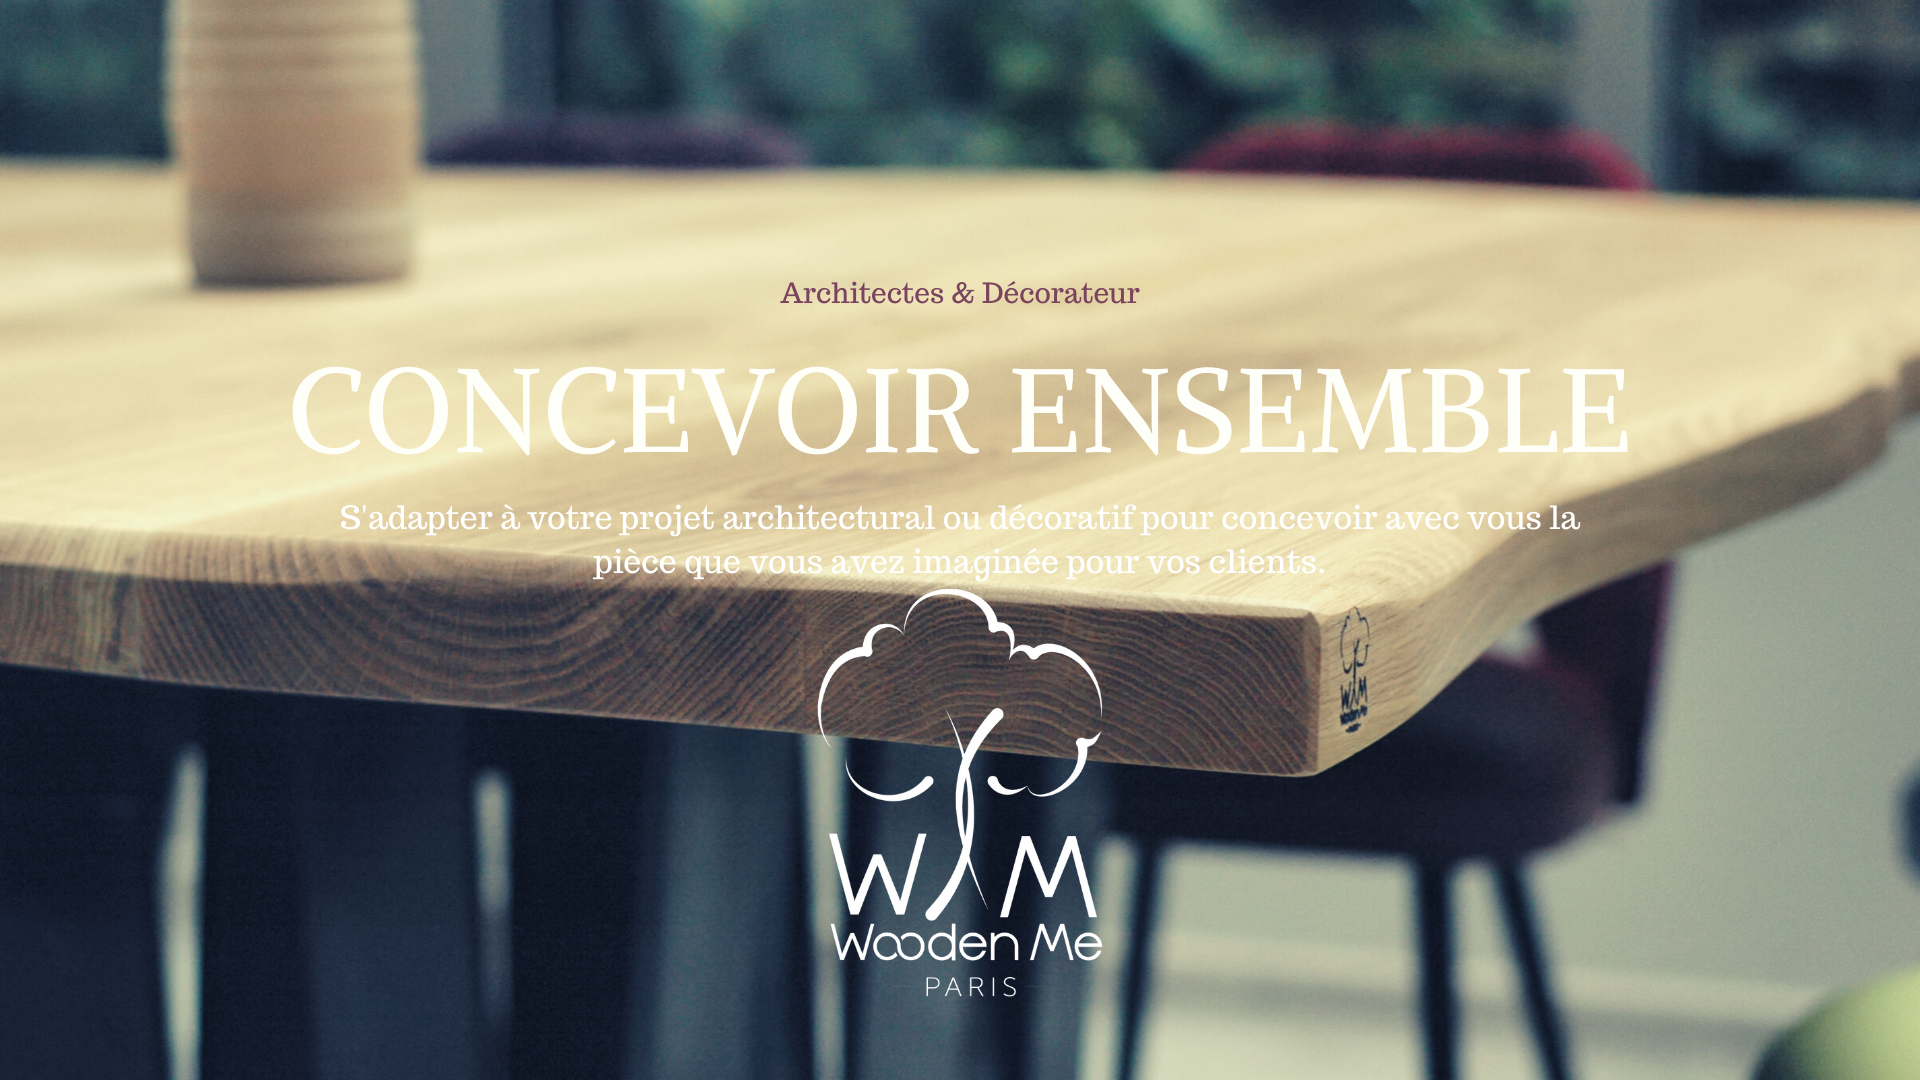 Les offres décorateurs et architectes de Wooden Me